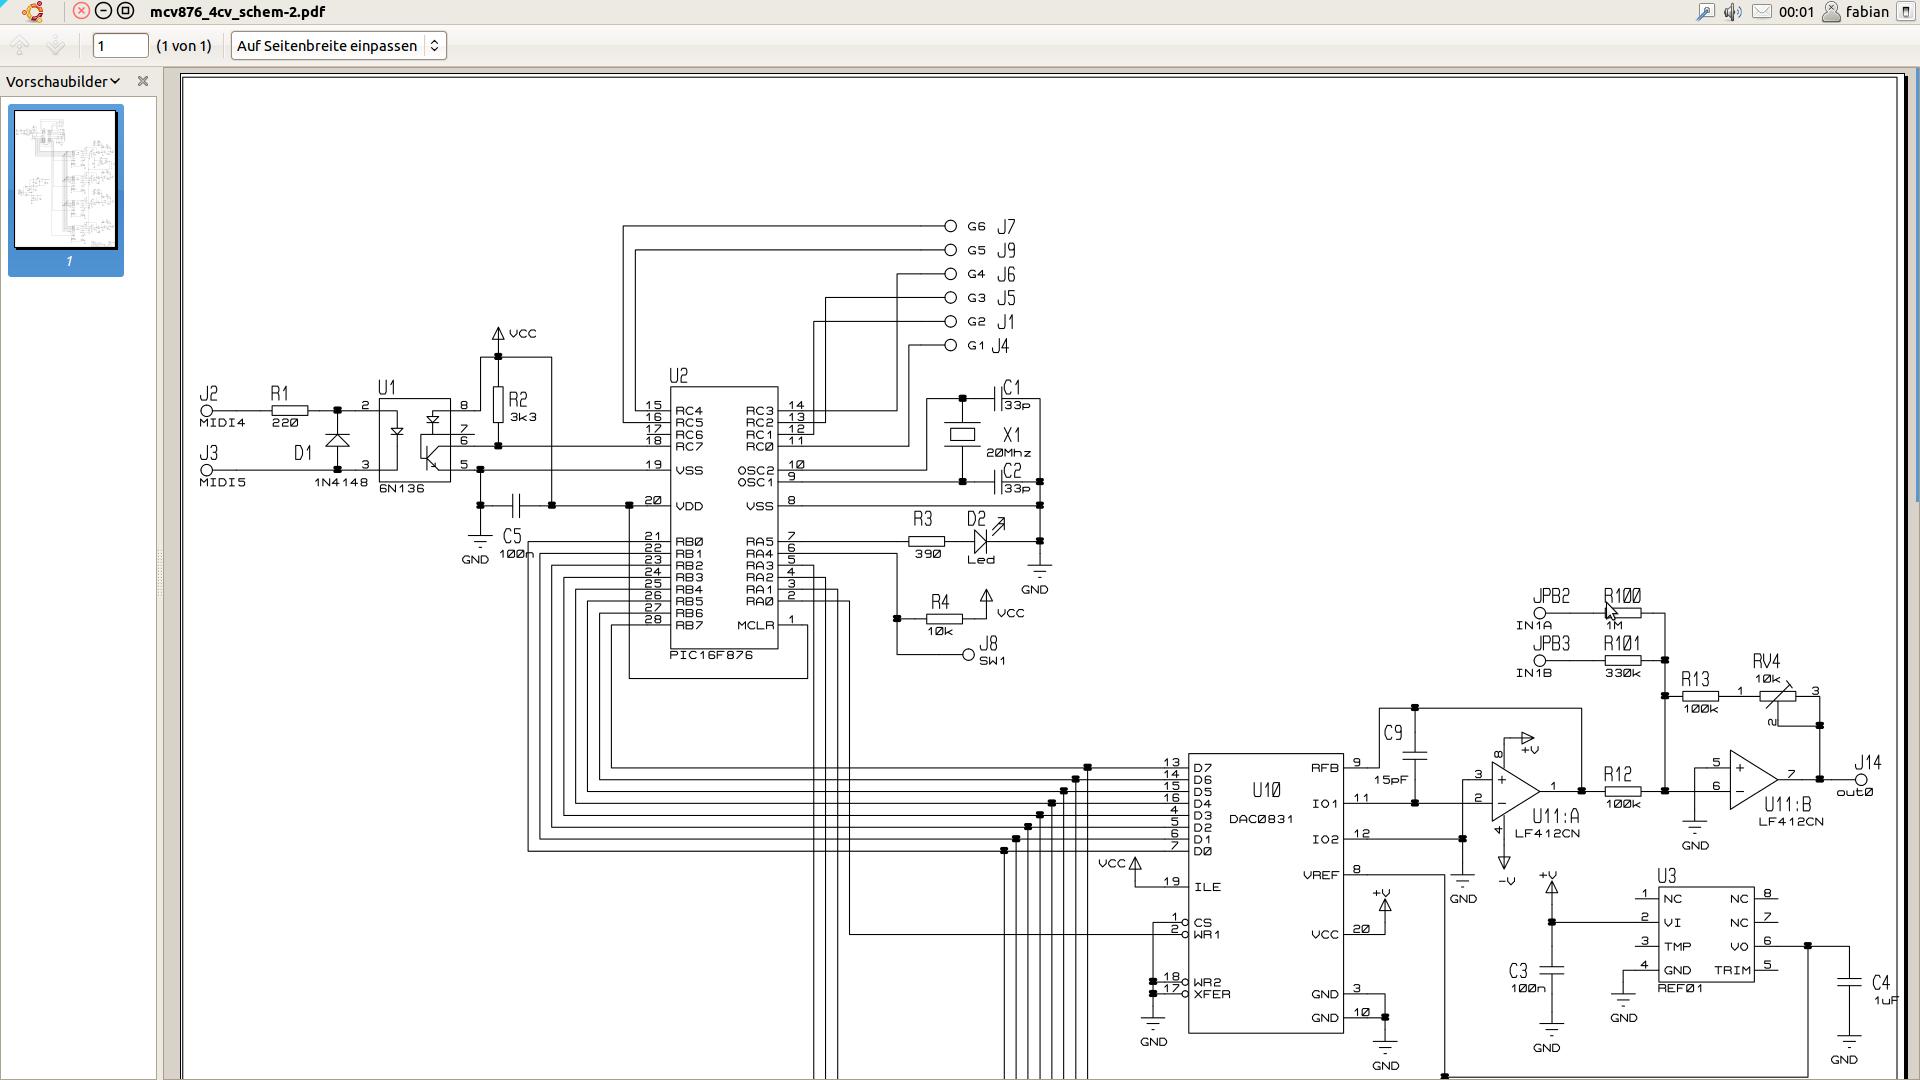 RV im Schaltplan - Mikrocontroller.net